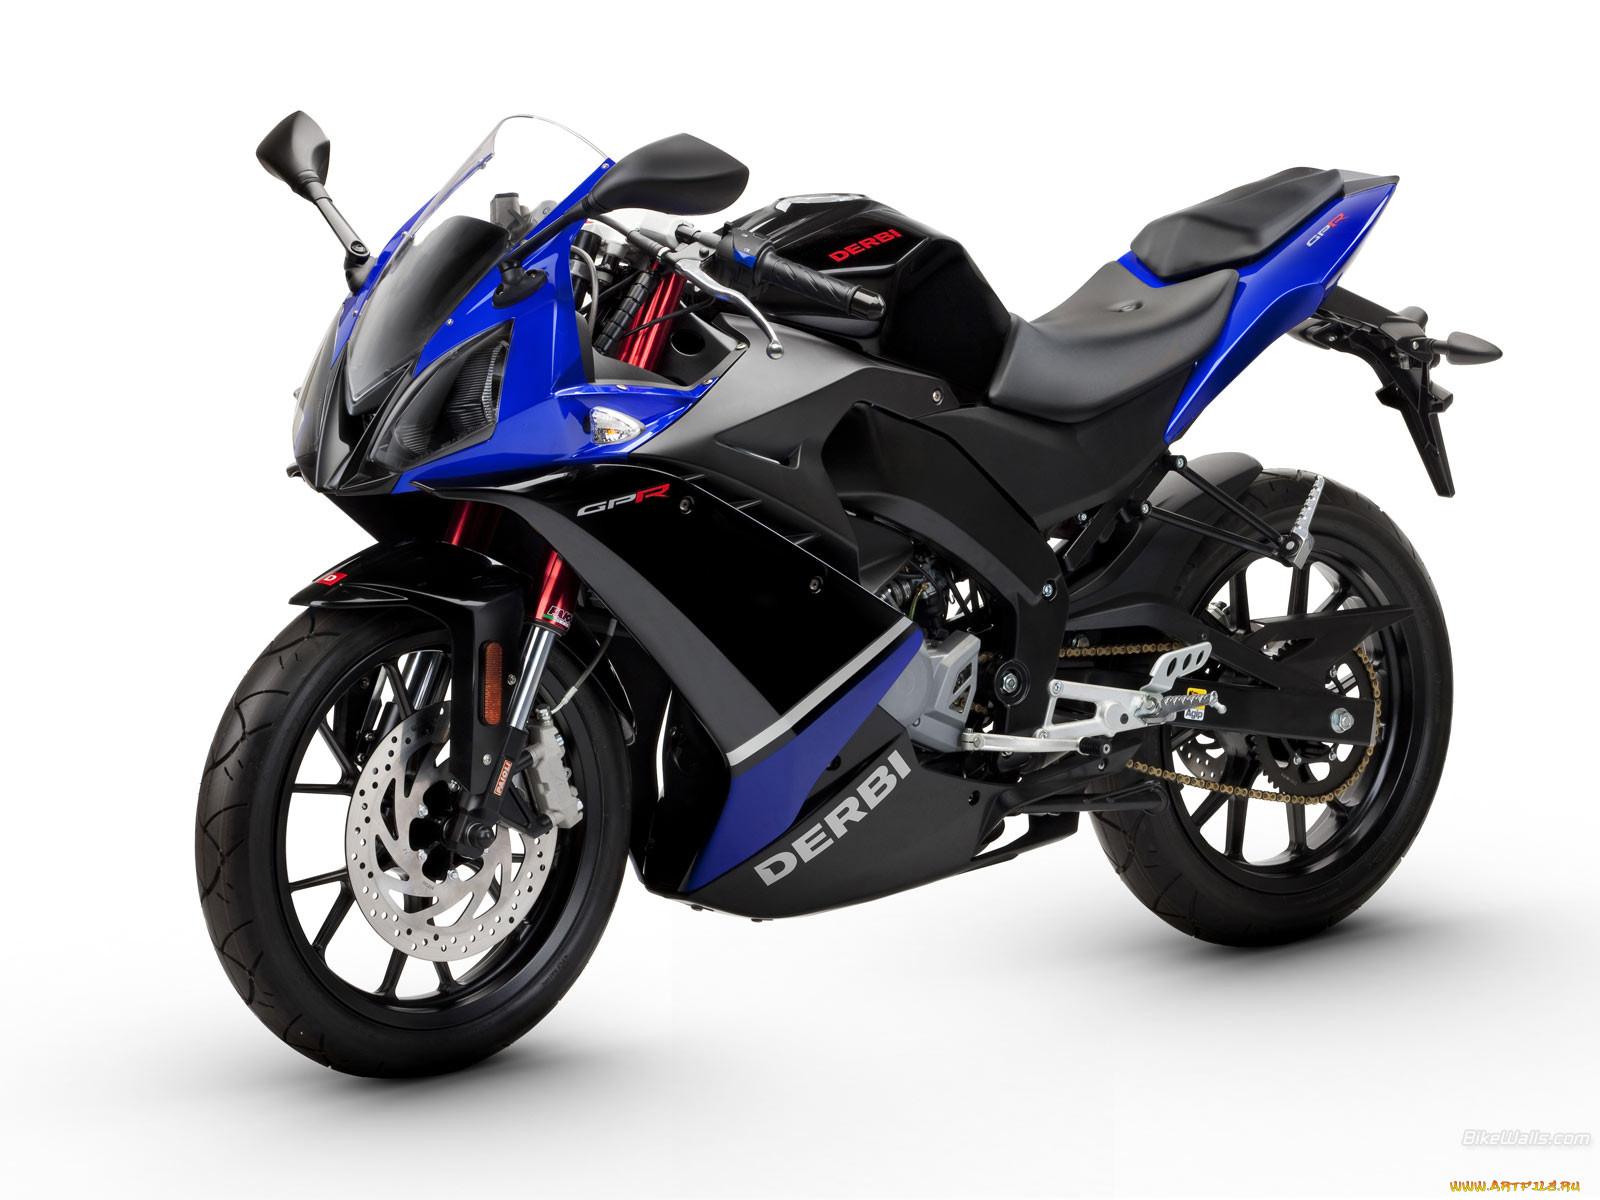 Картинки мотоциклов на прозрачном фоне